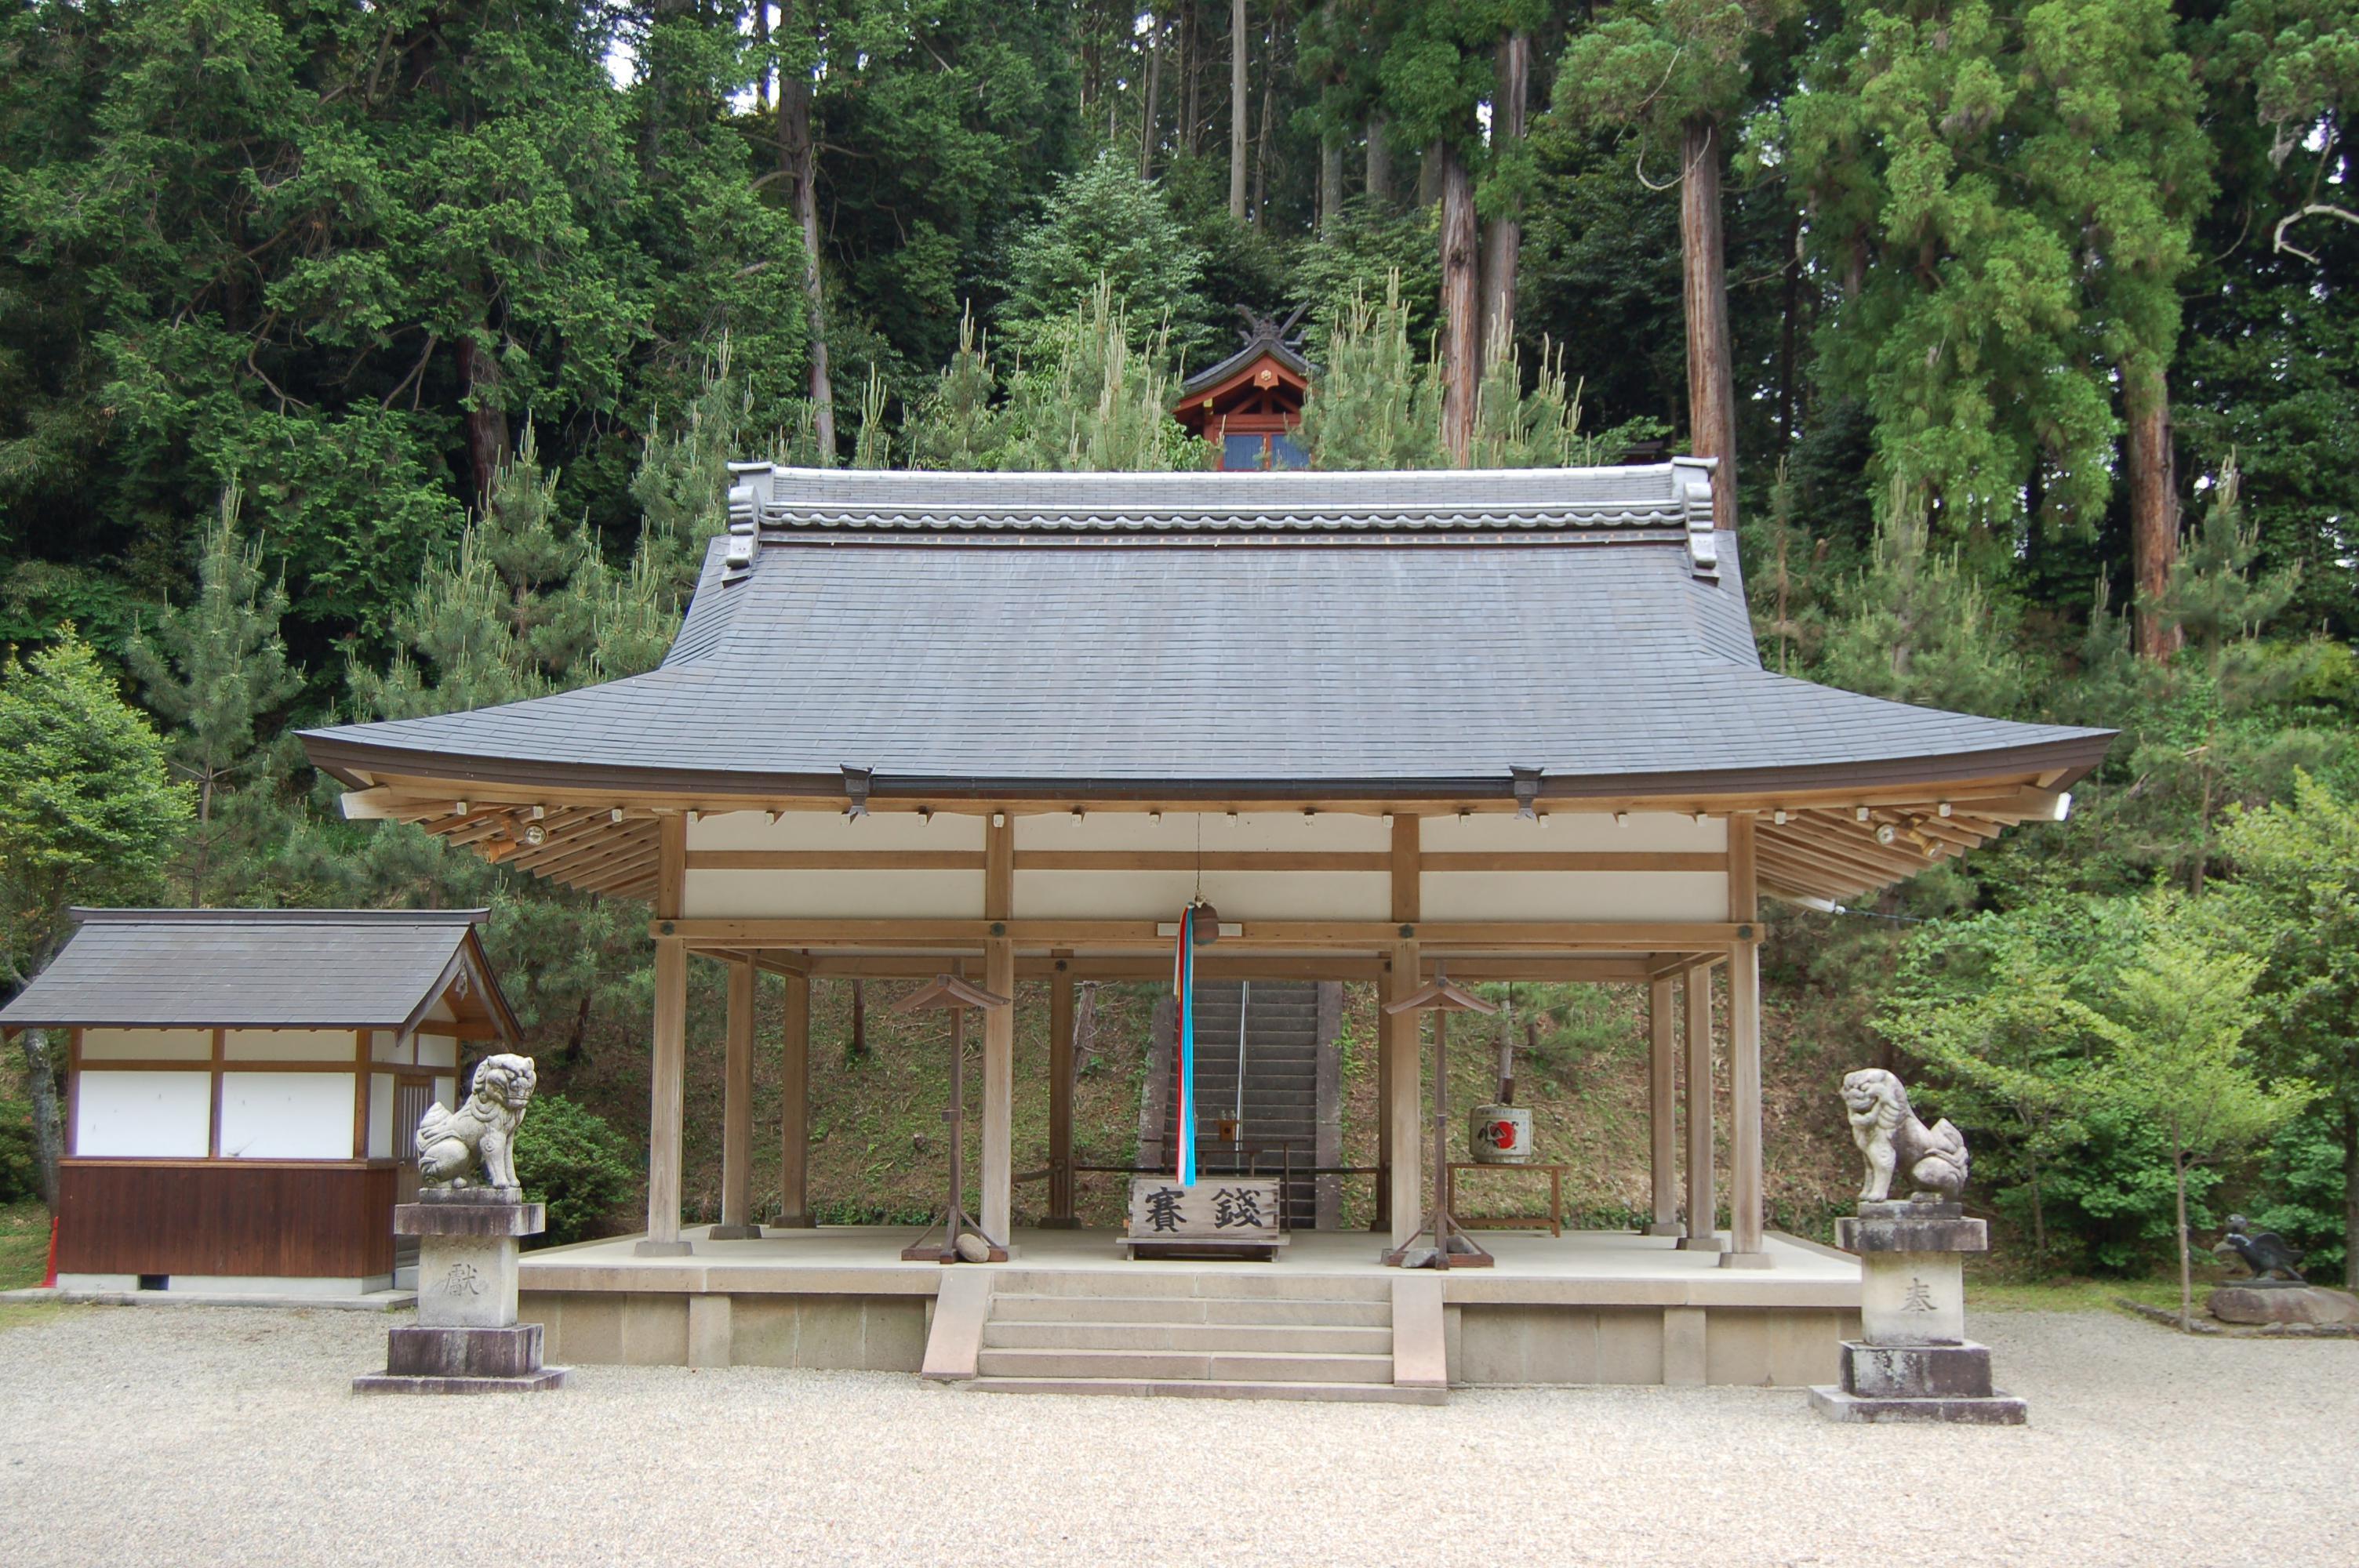 八咫烏神社の境内・文化財